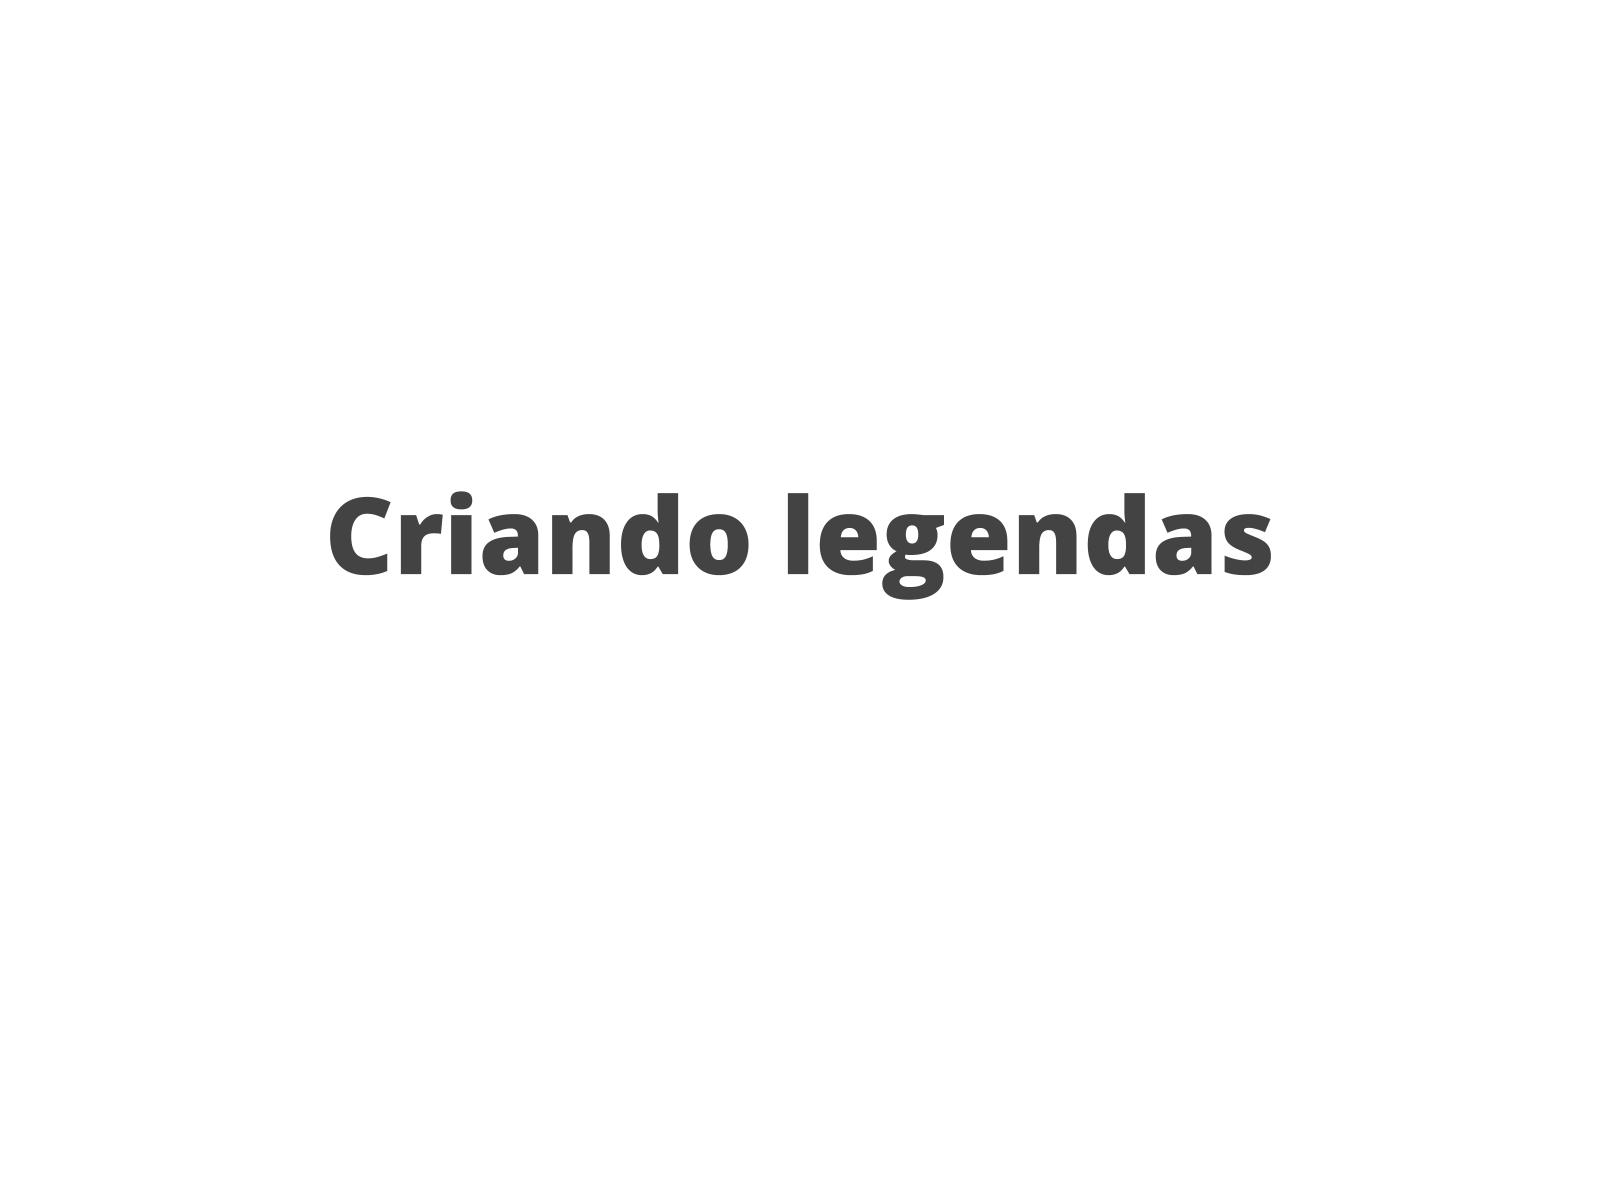 Criando legendas